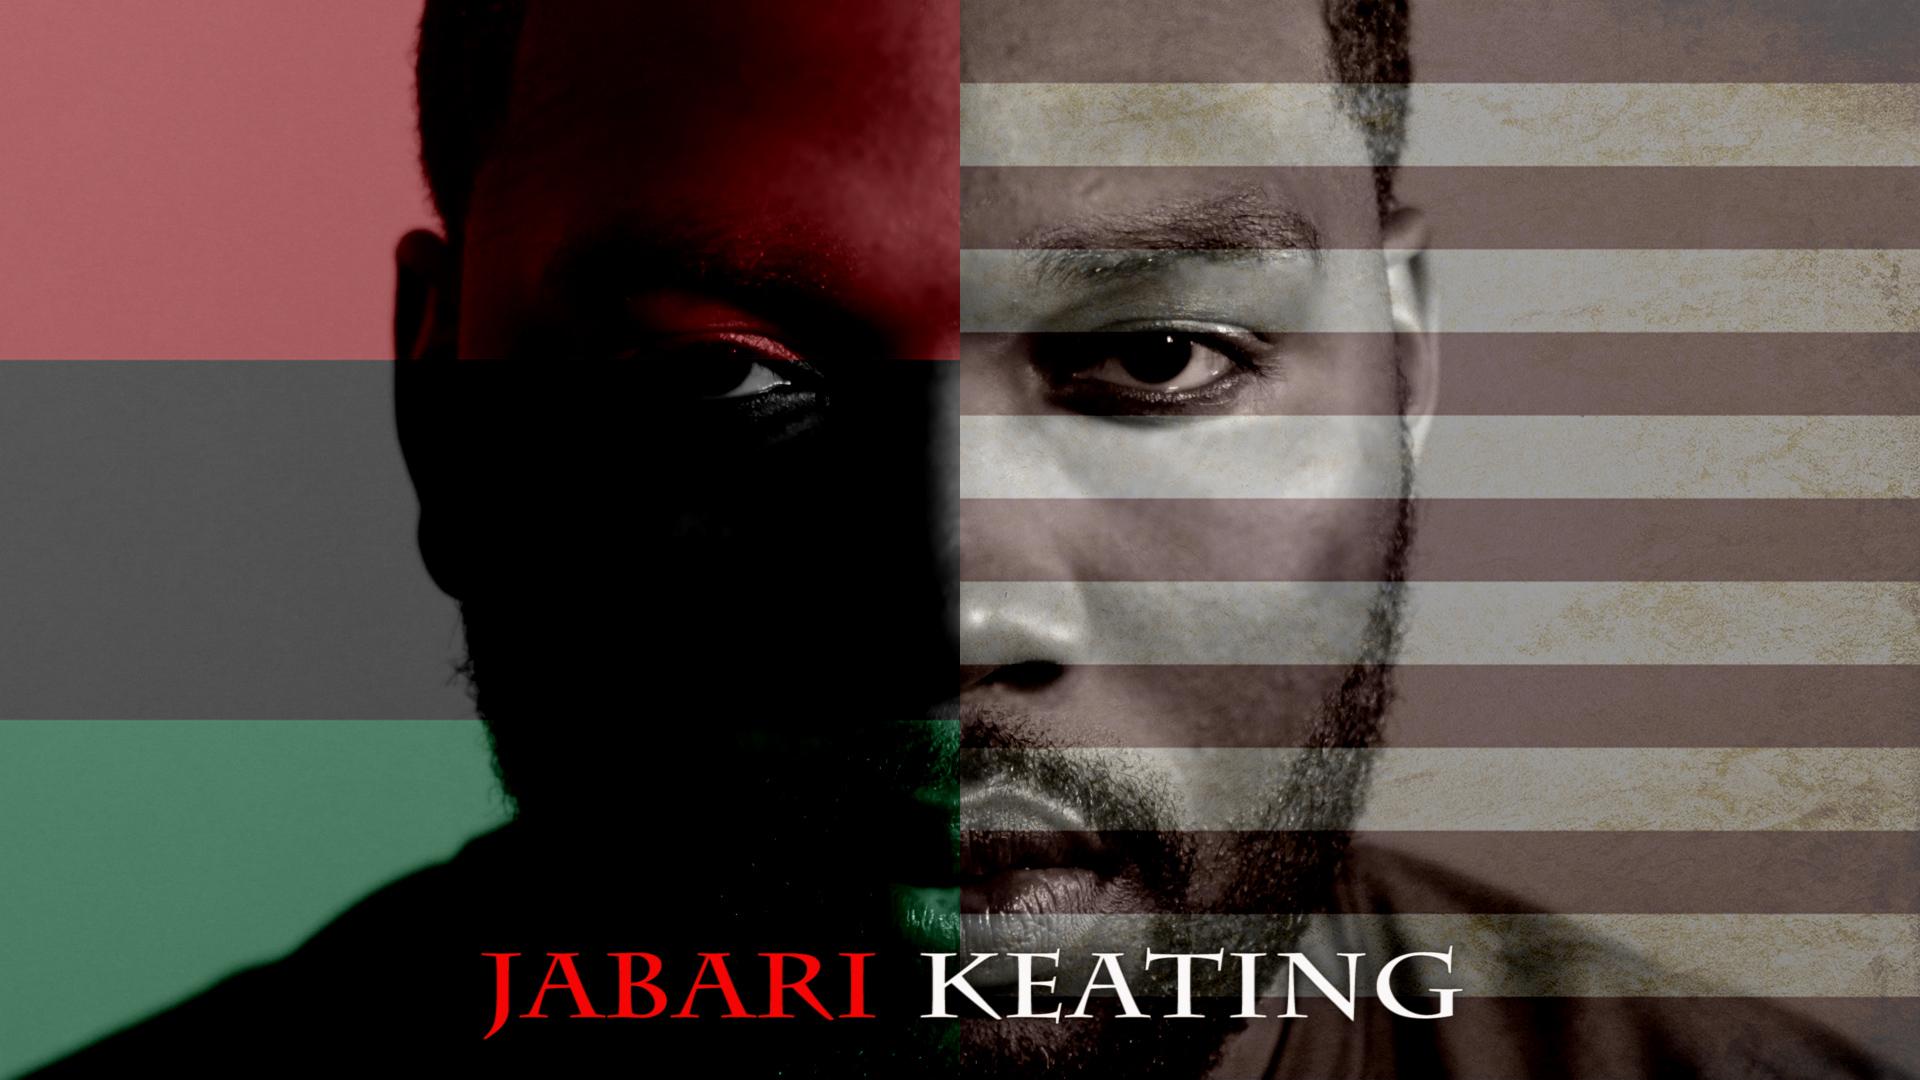 Stacey Larkins - jabari Keating poster pic.jpg